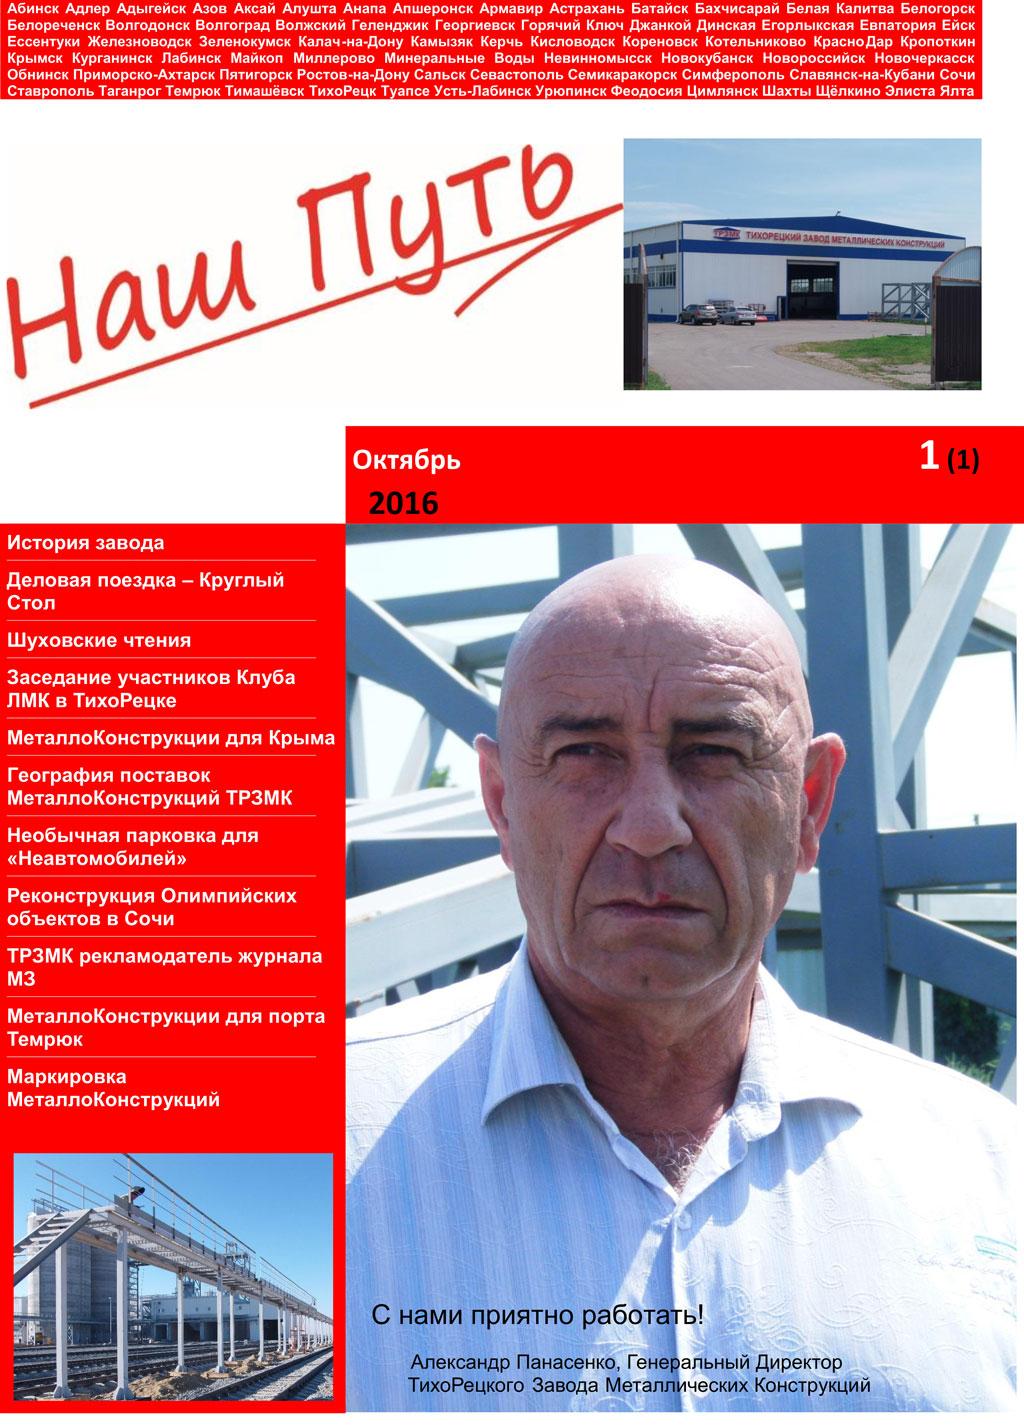 Больше ЛМК в России www.steelbuildings.ru Предоставляем Вашему вниманию 1-й номер Газеты Наш Путь за октябрь 2016 года.